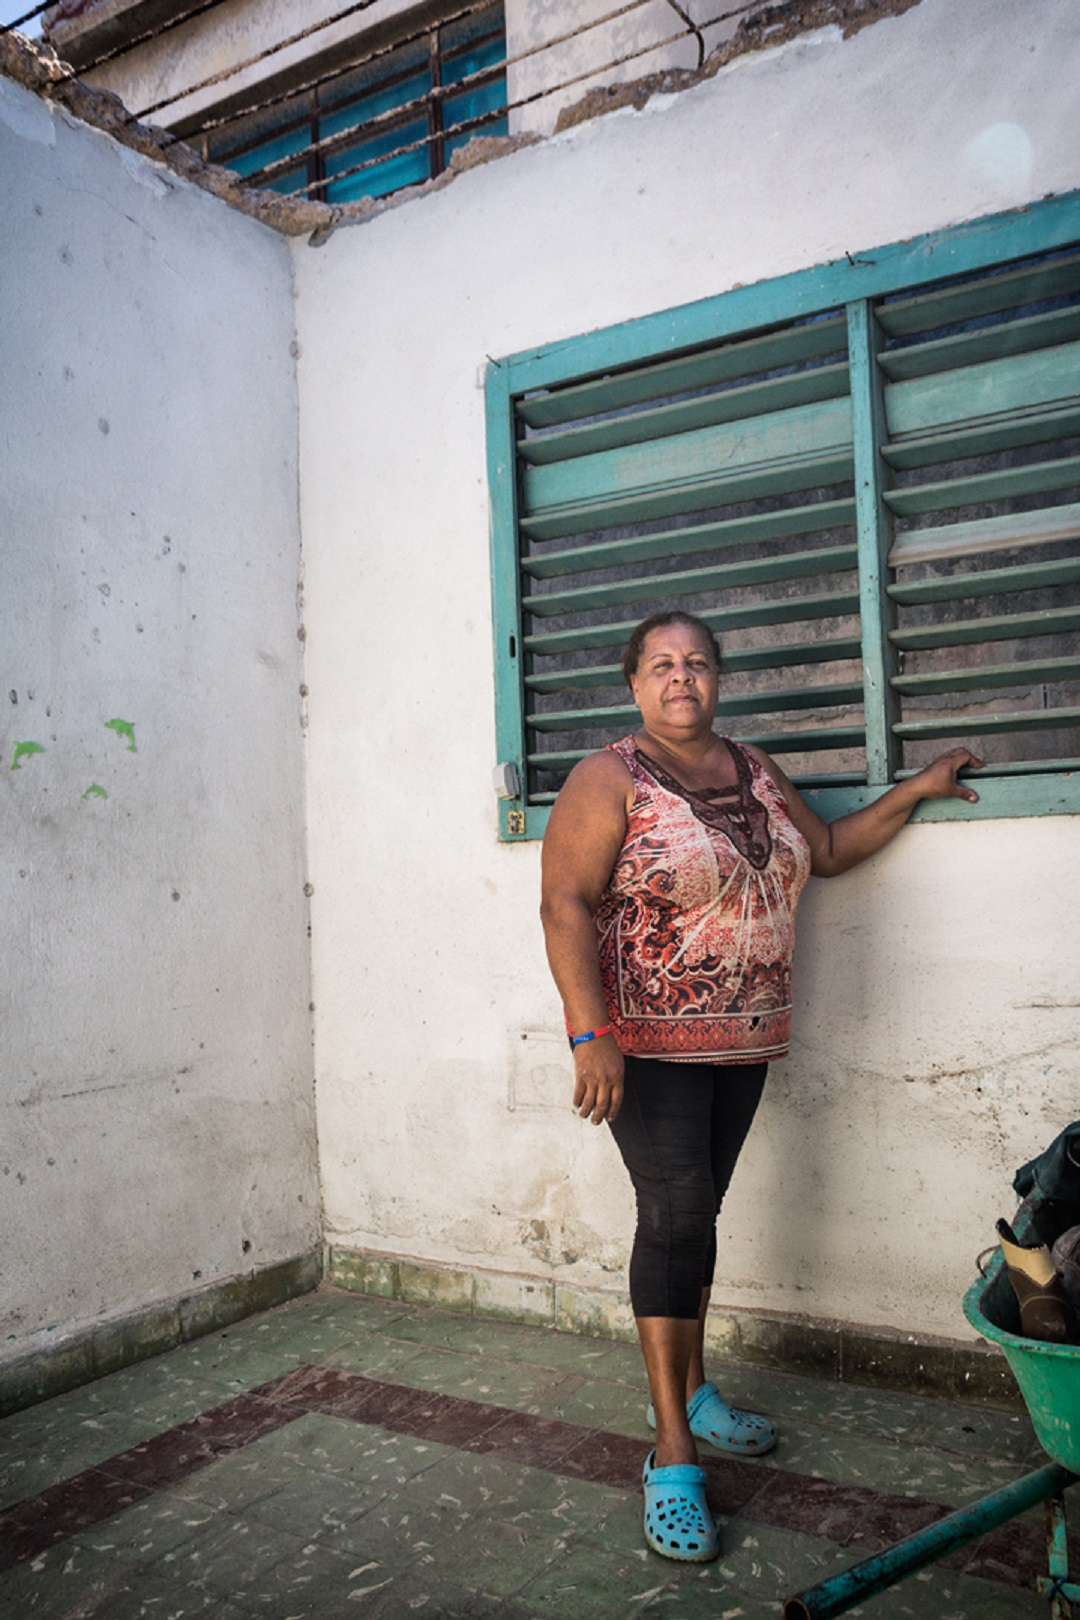 Aquí estaba la cama. Yo estaba en la puerta hablando con unos niños y mi esposo había ido al baño y cuando yo estoy regresando para el cuarto sentimos un ruido y de pronto el techo se fue abajo. Nos tiramos pa' allá atrás. Todo fue muy rápido, pero fue una suerte que no estuviéramos acostados (Foto: Evelyn Sosa Rojas).